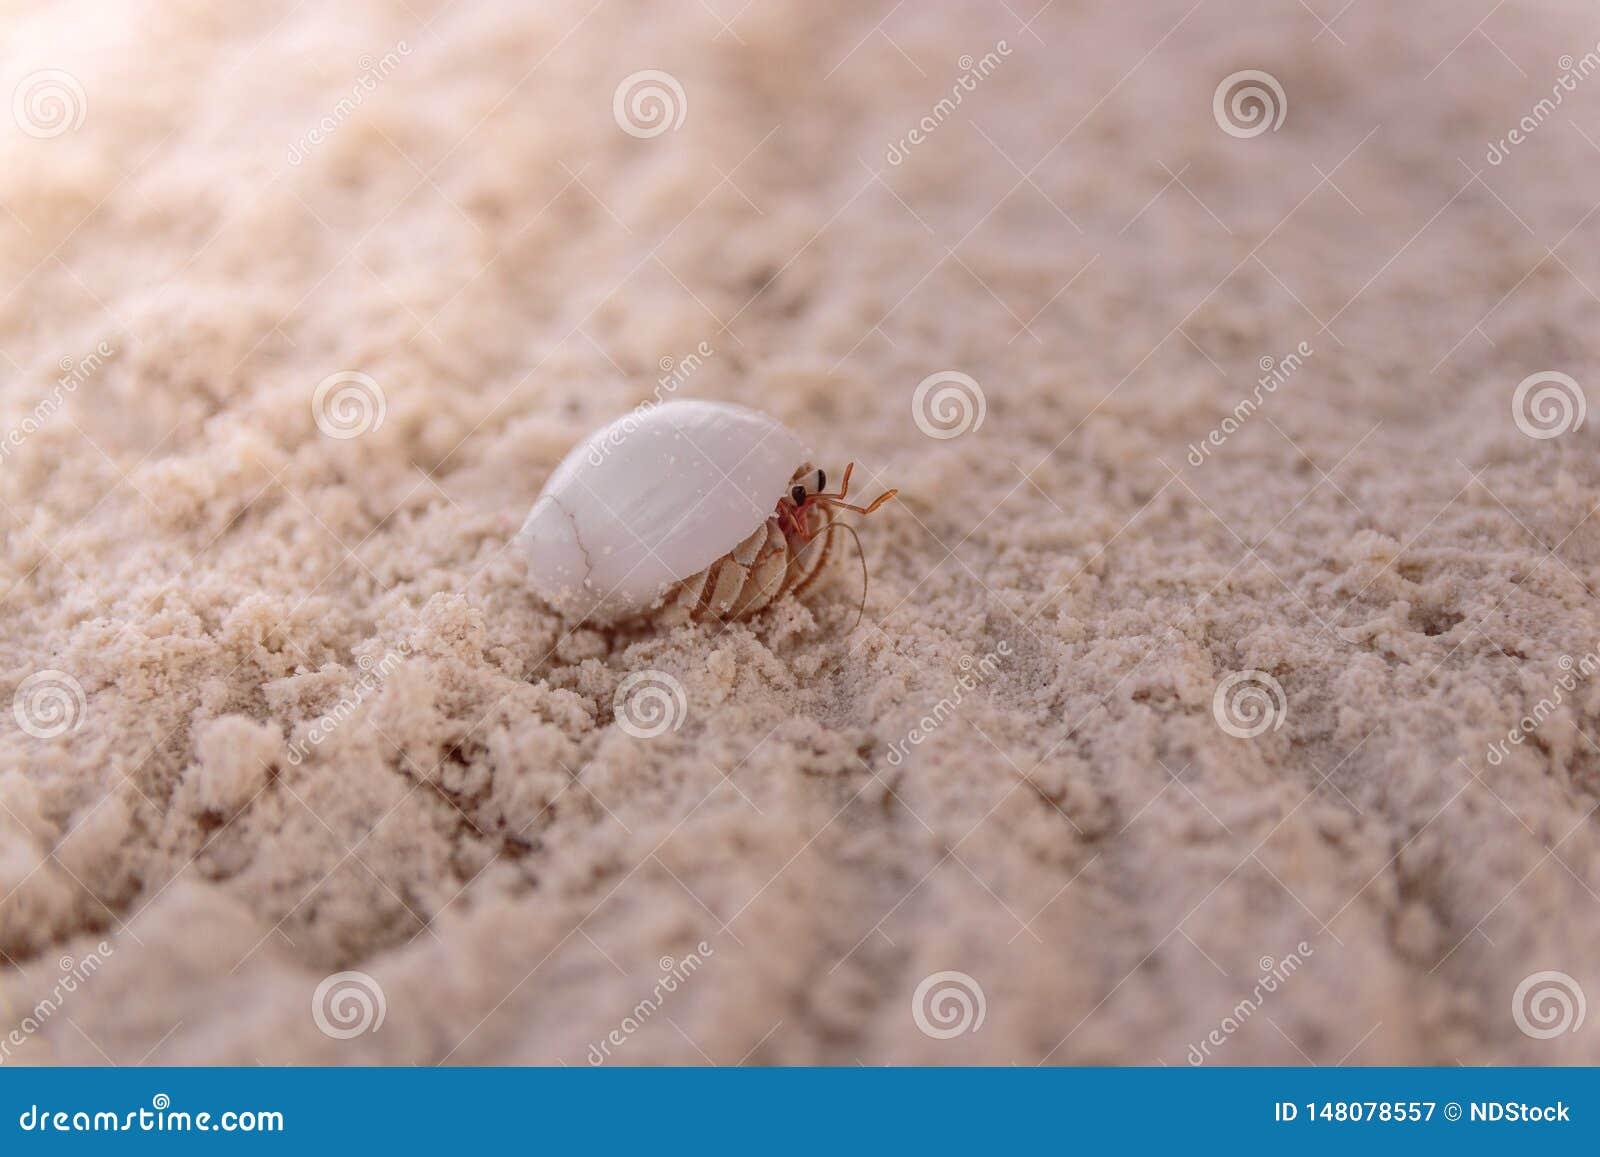 Zamyka W górę kraba w seashell odprowadzeniu na jasnym białym piasku